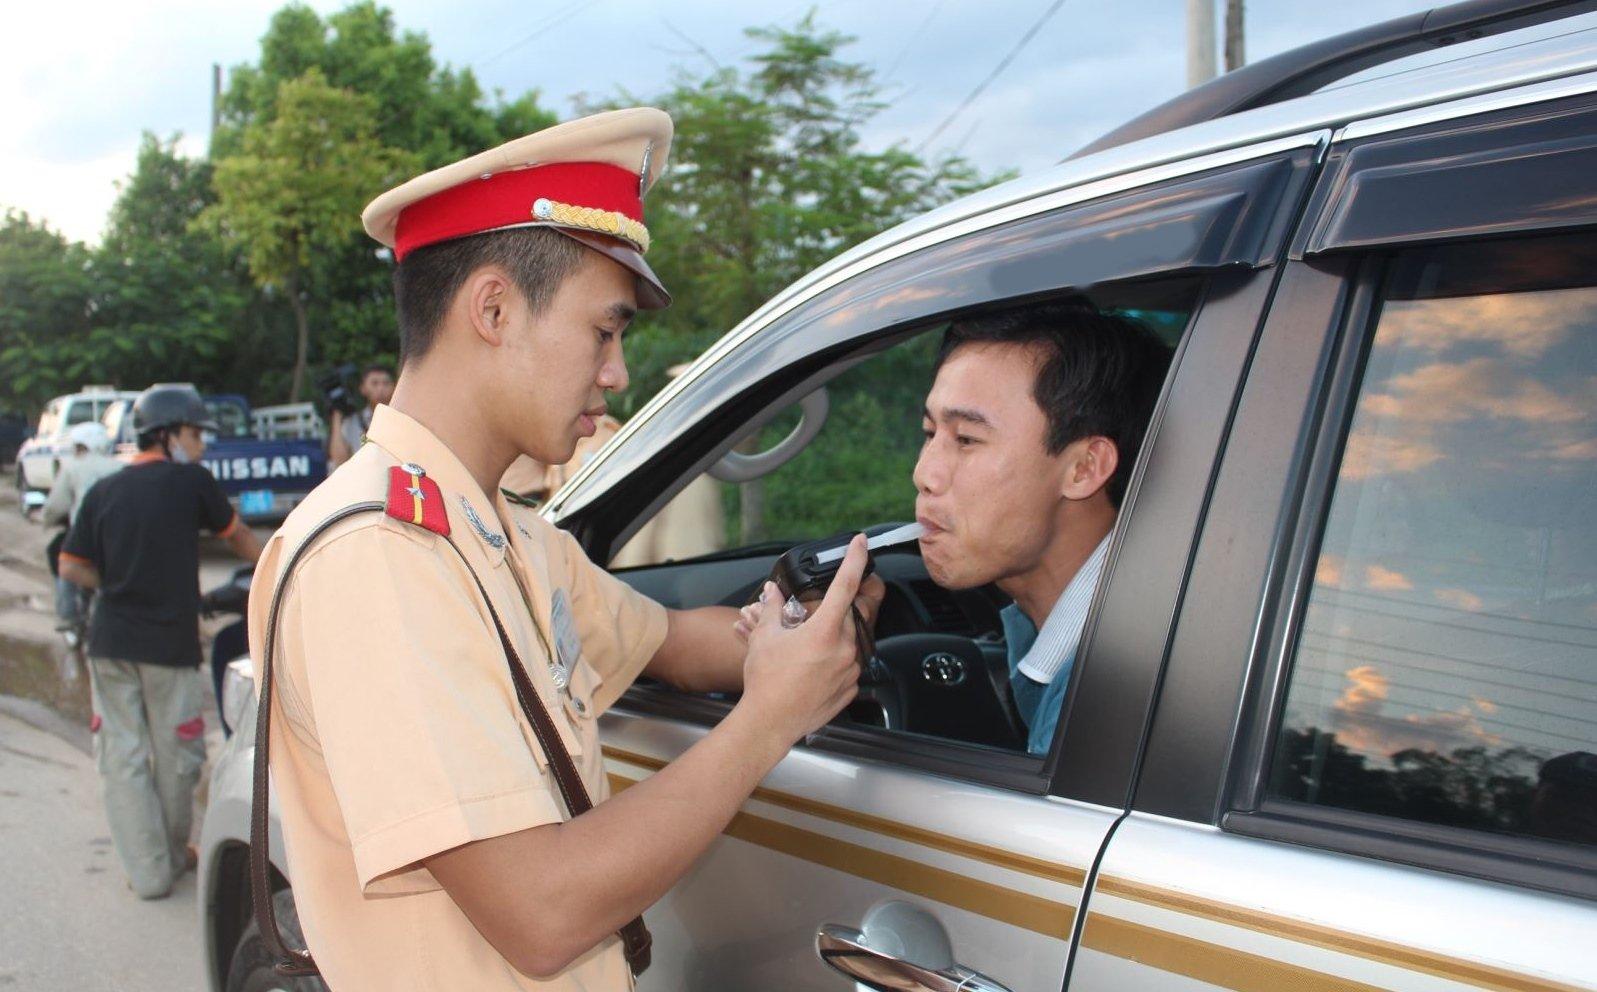 Nồng độ cồn cho phép khi lái xe hiện dưới mức 50mg/100ml máu.